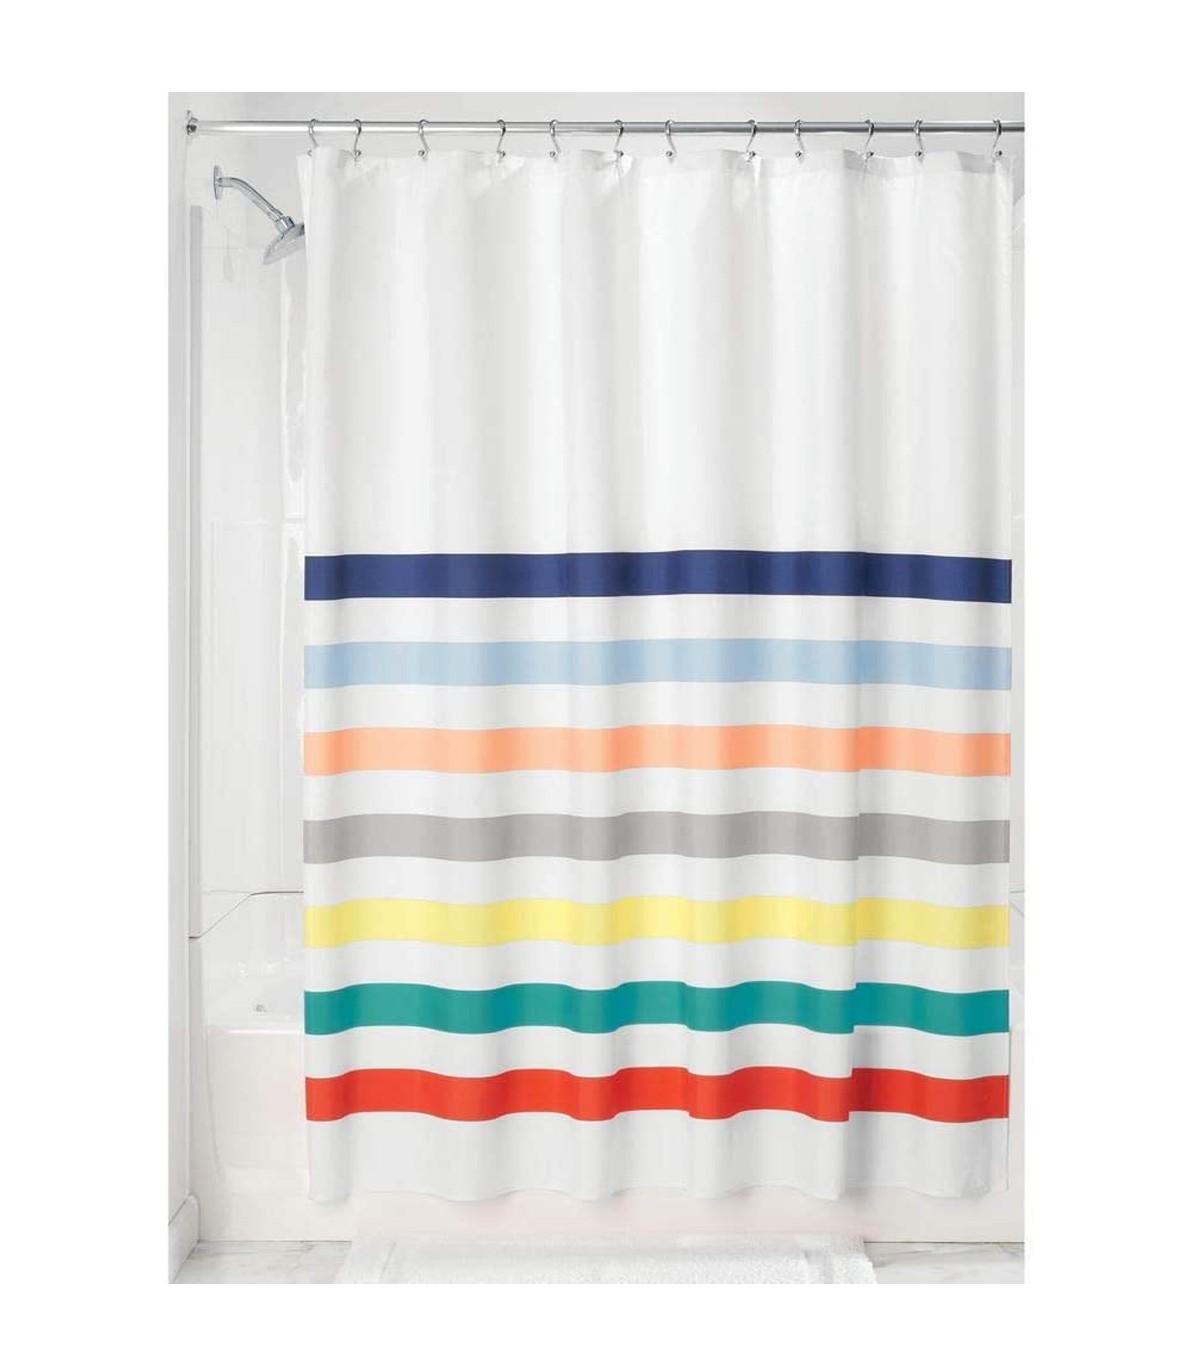 Rideau de douche blanc et rayures multicolores - 183 x 0,1 x H183 cm